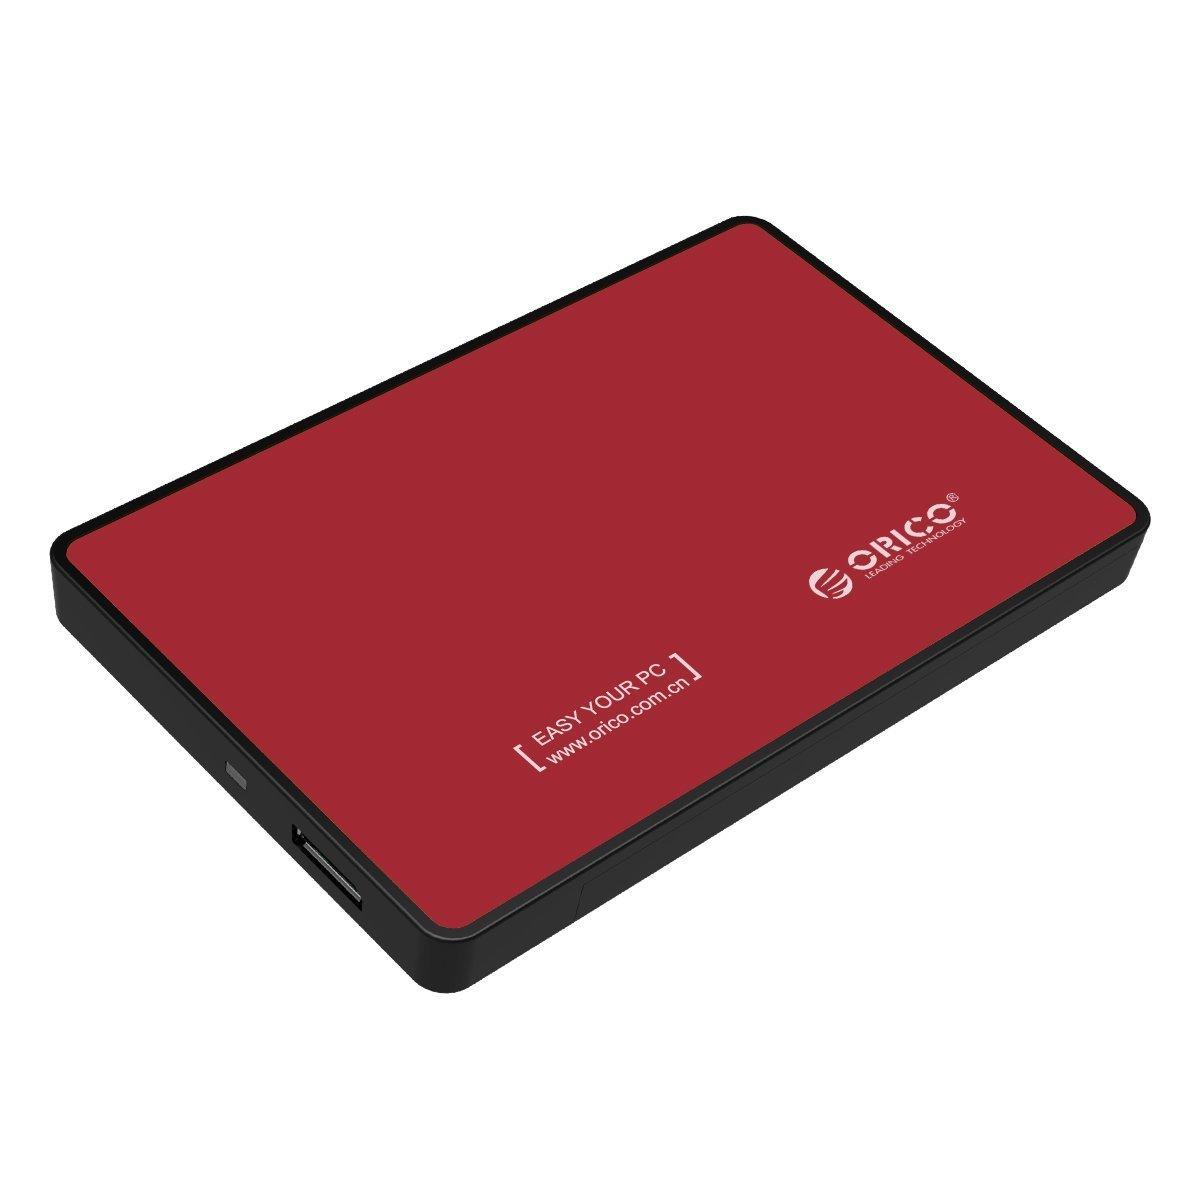 Orico Caja Carcasa USB 3.0 de Disco Duro HDD SATA de 2,5 Pulgadas - Azul